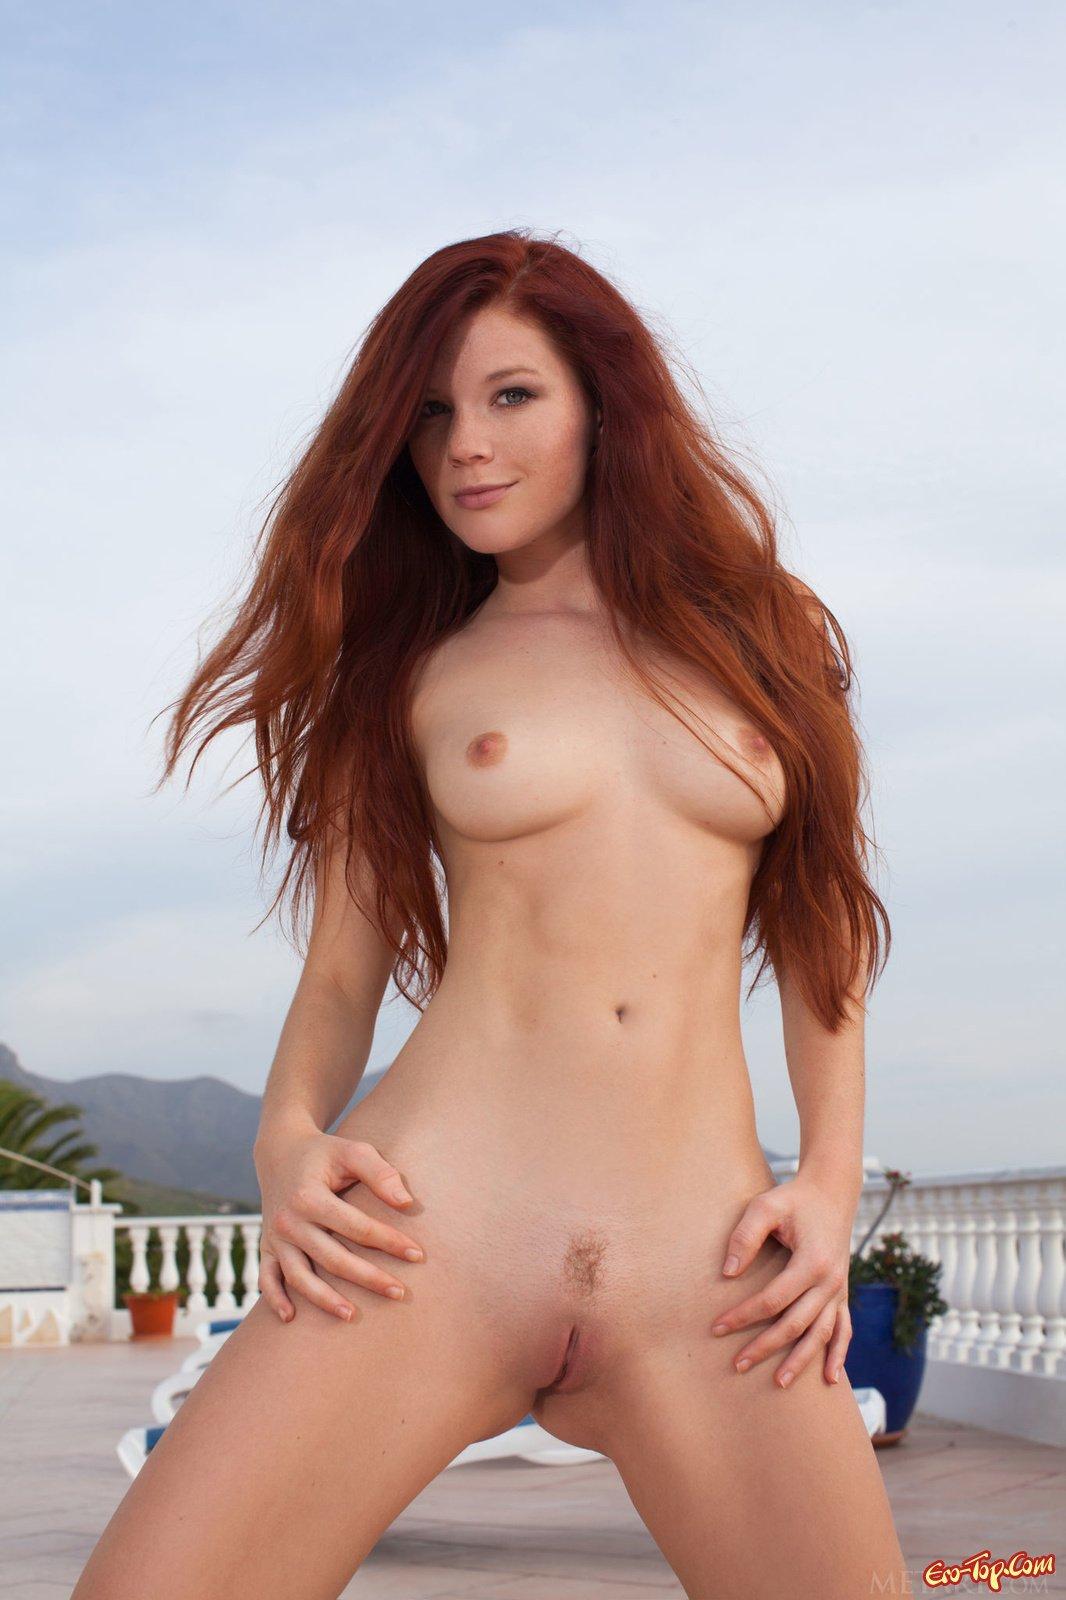 Рыжая девушка с красивой грудью